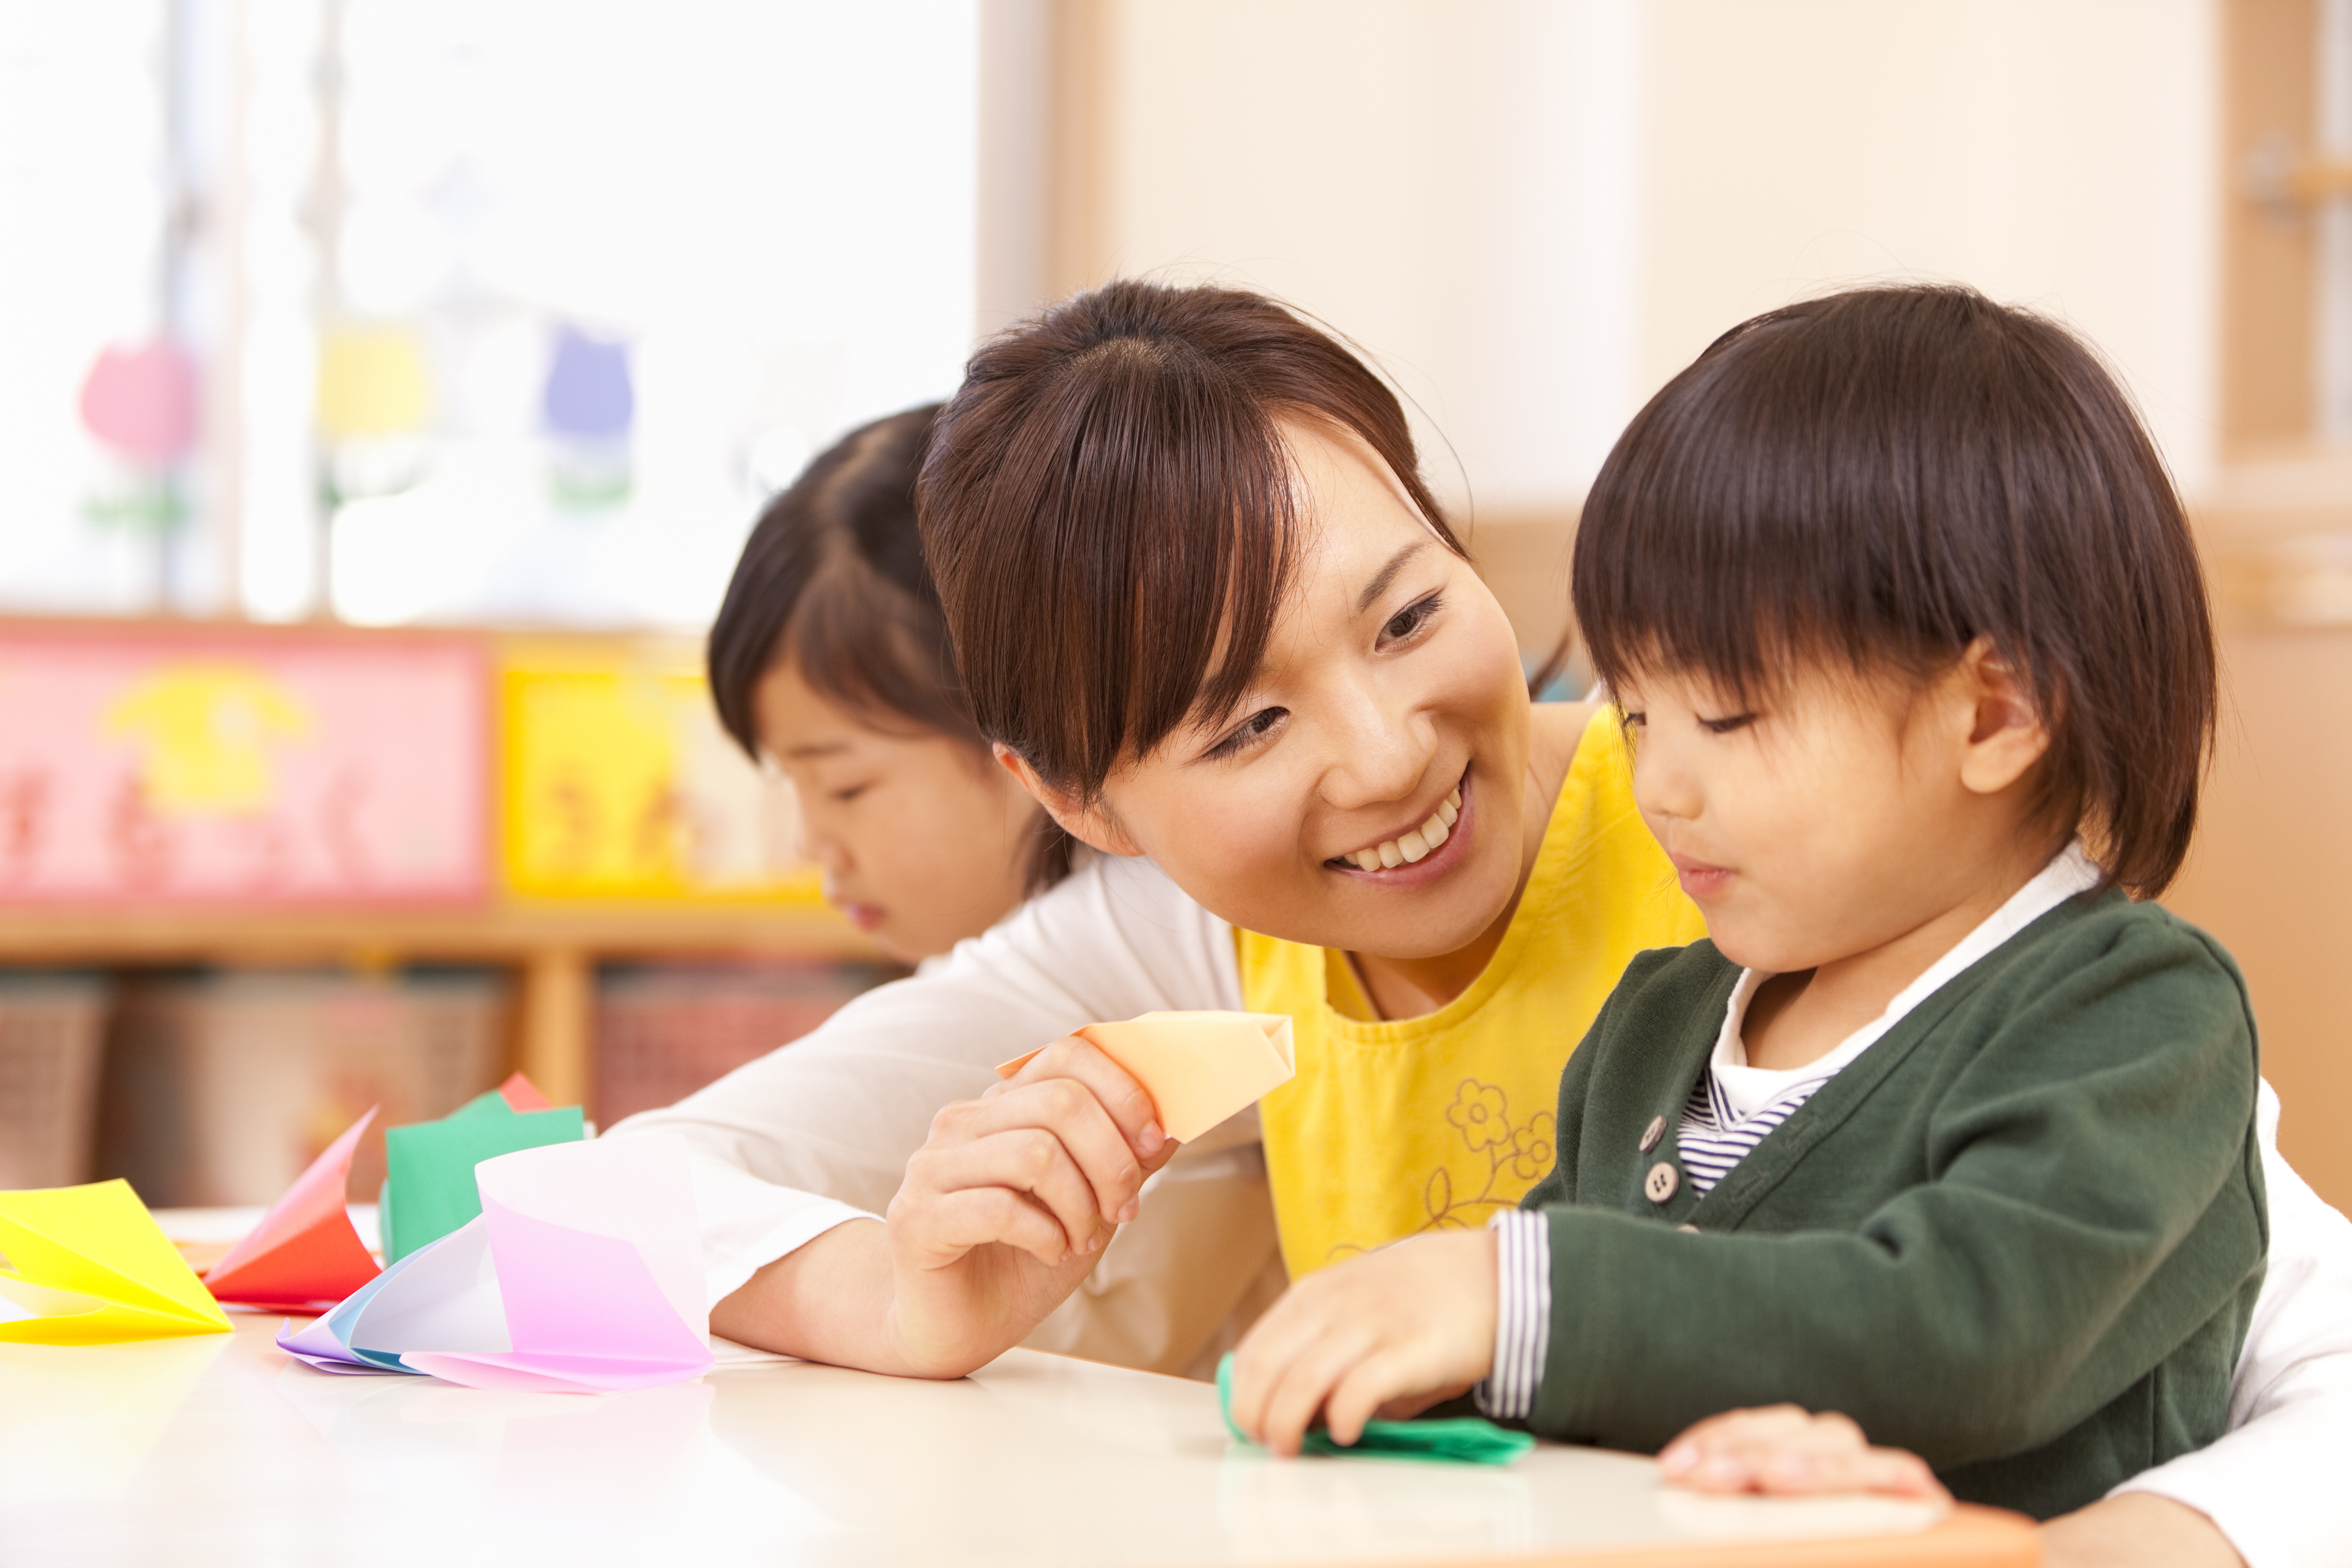 【3歳まではおうちで見るべき?】幼稚園派の私が保育園に通わせようと決めた理由